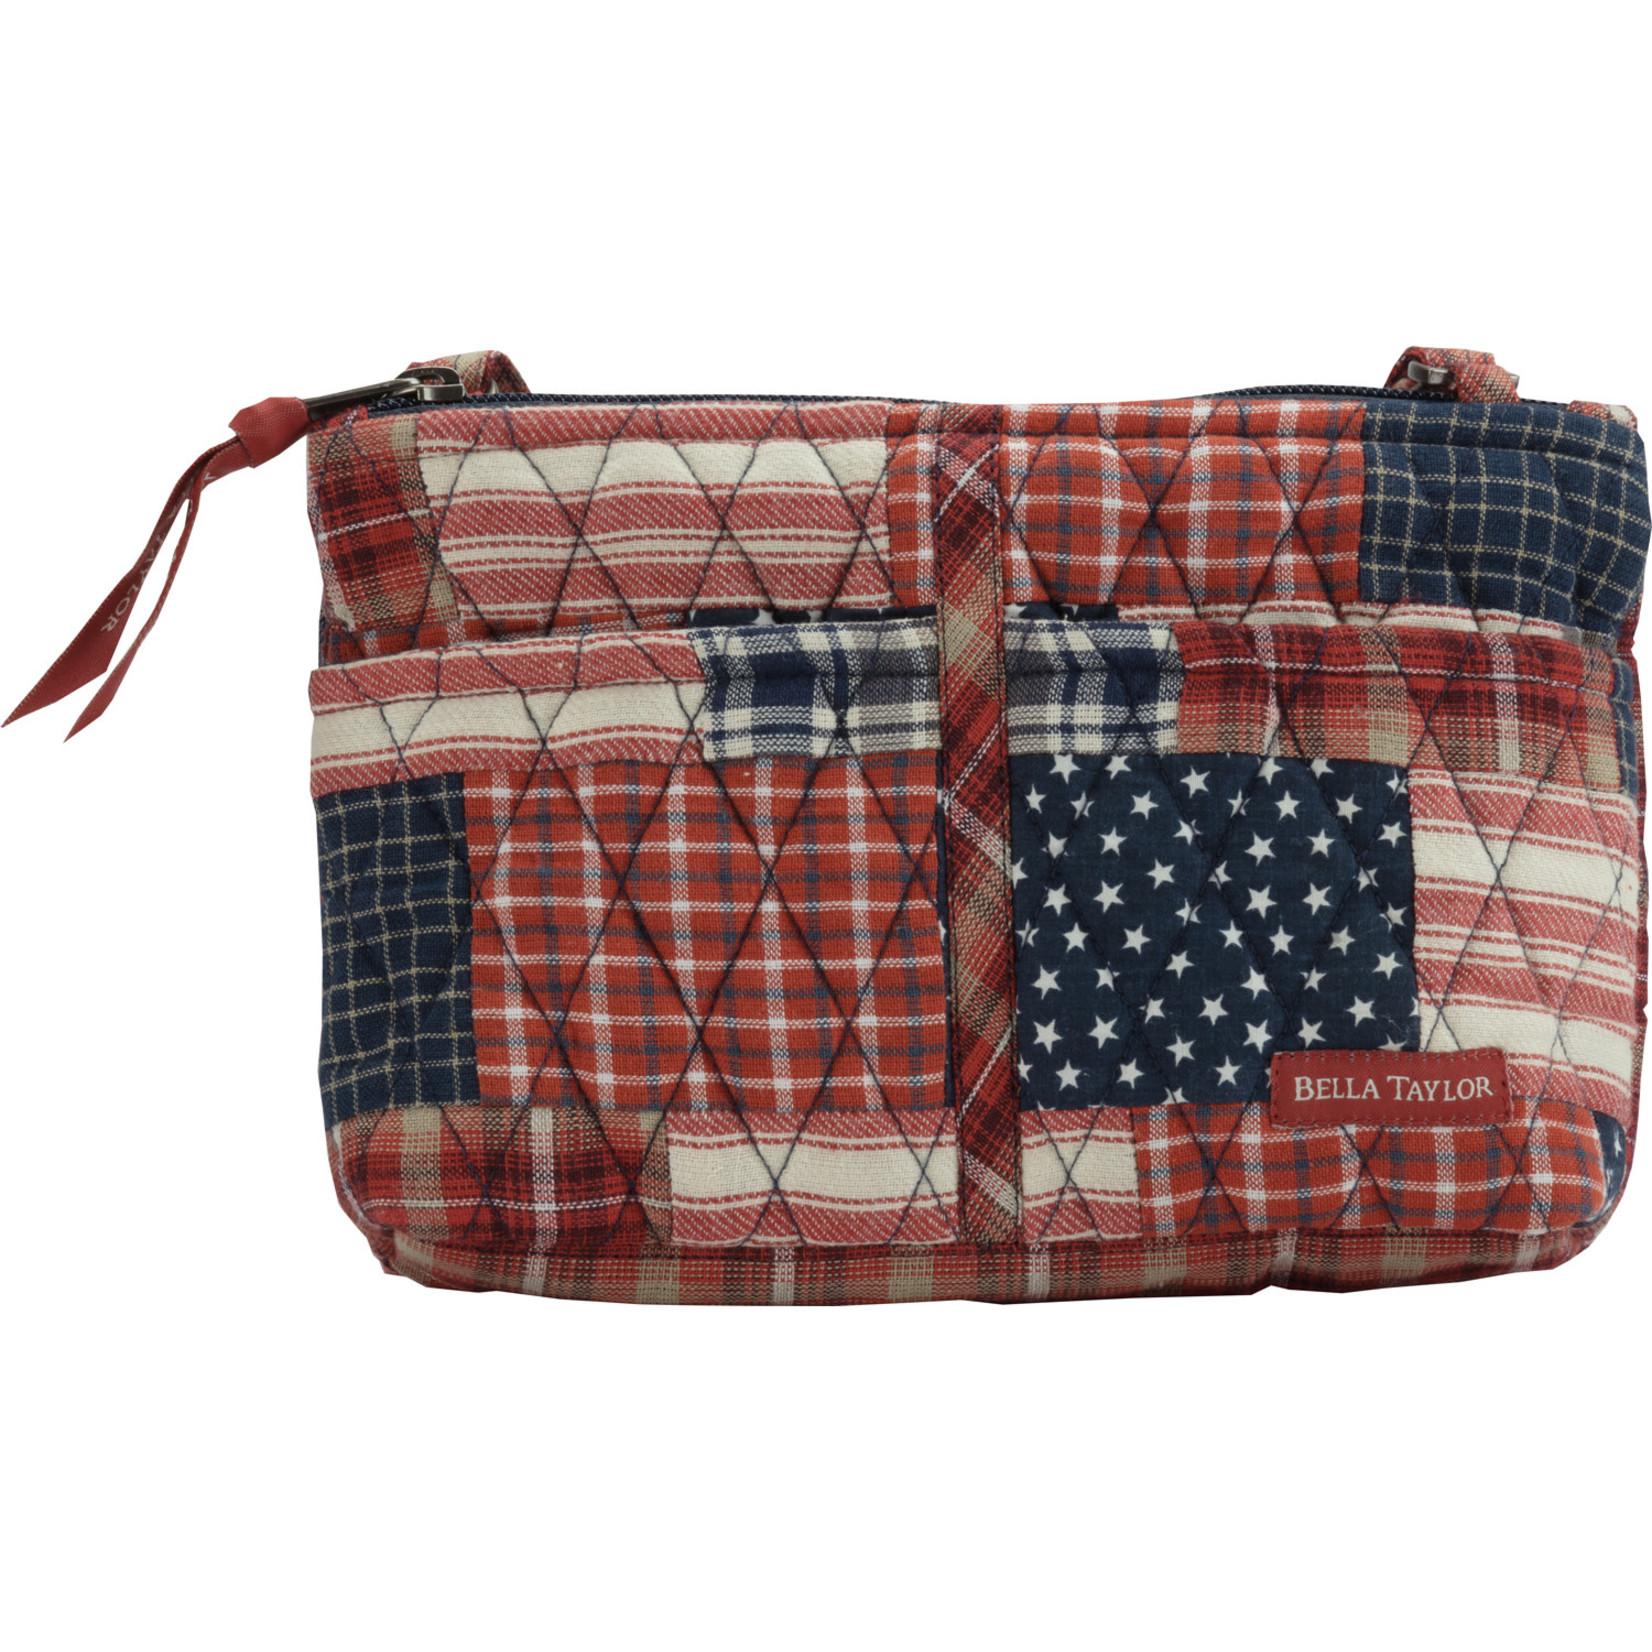 Bella Taylor Revere - Essentials handbag